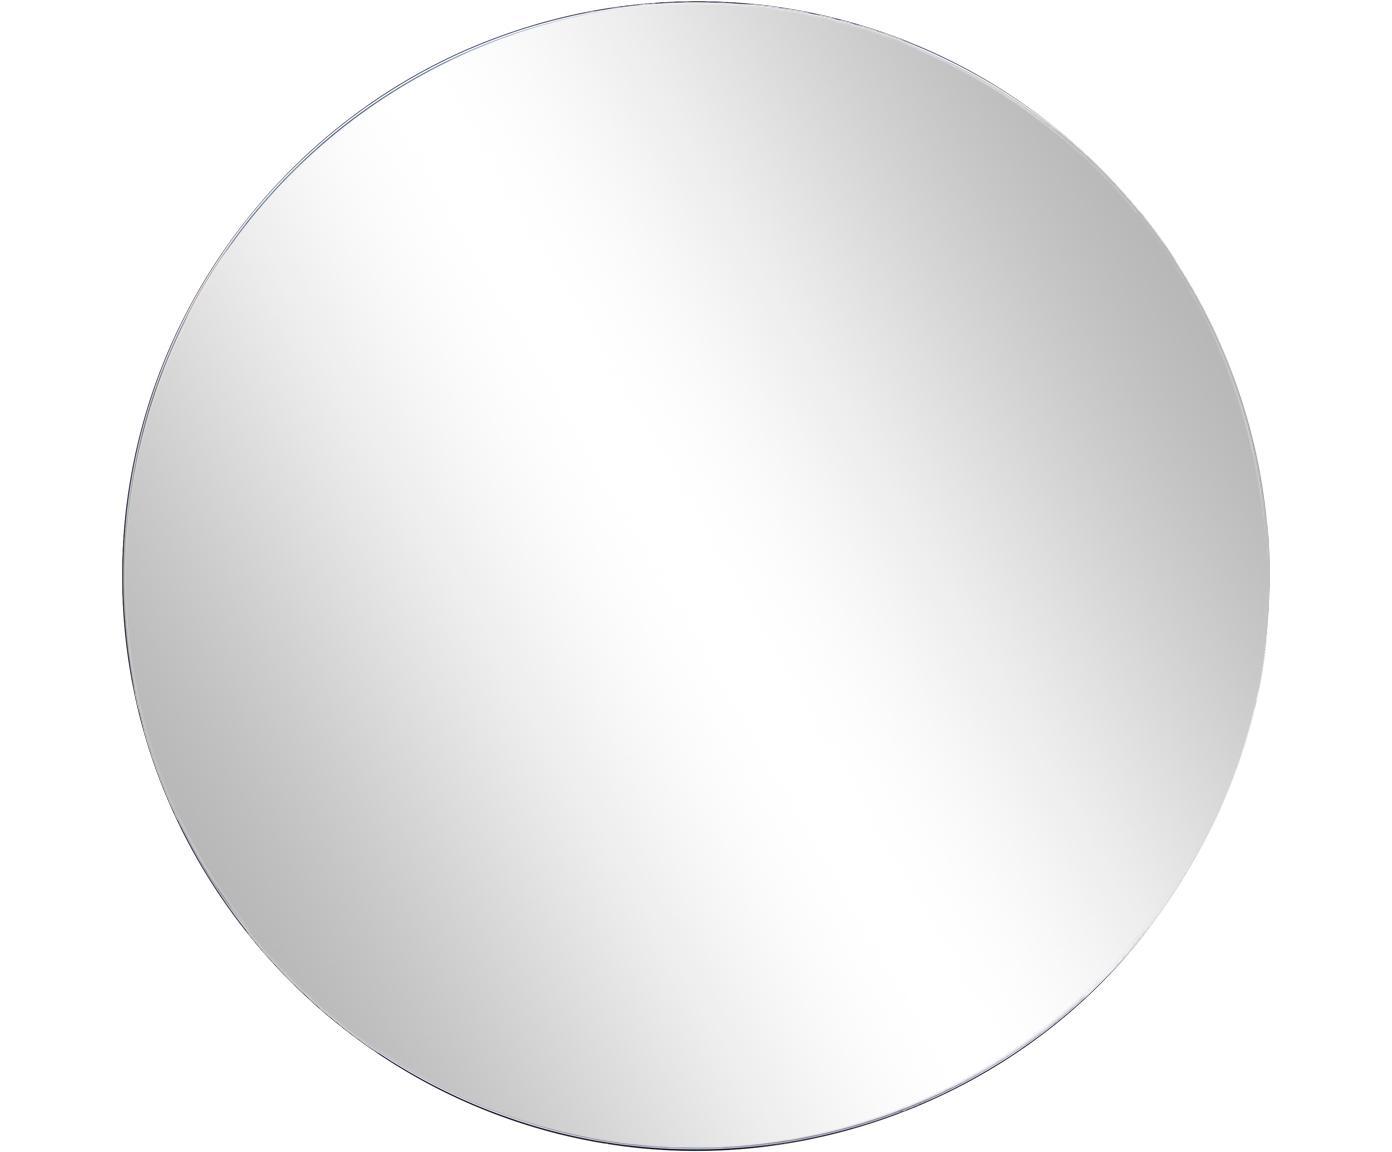 Specchio da parete Walls, Lastra di vetro, Lastra di vetro, Ø 80 cm